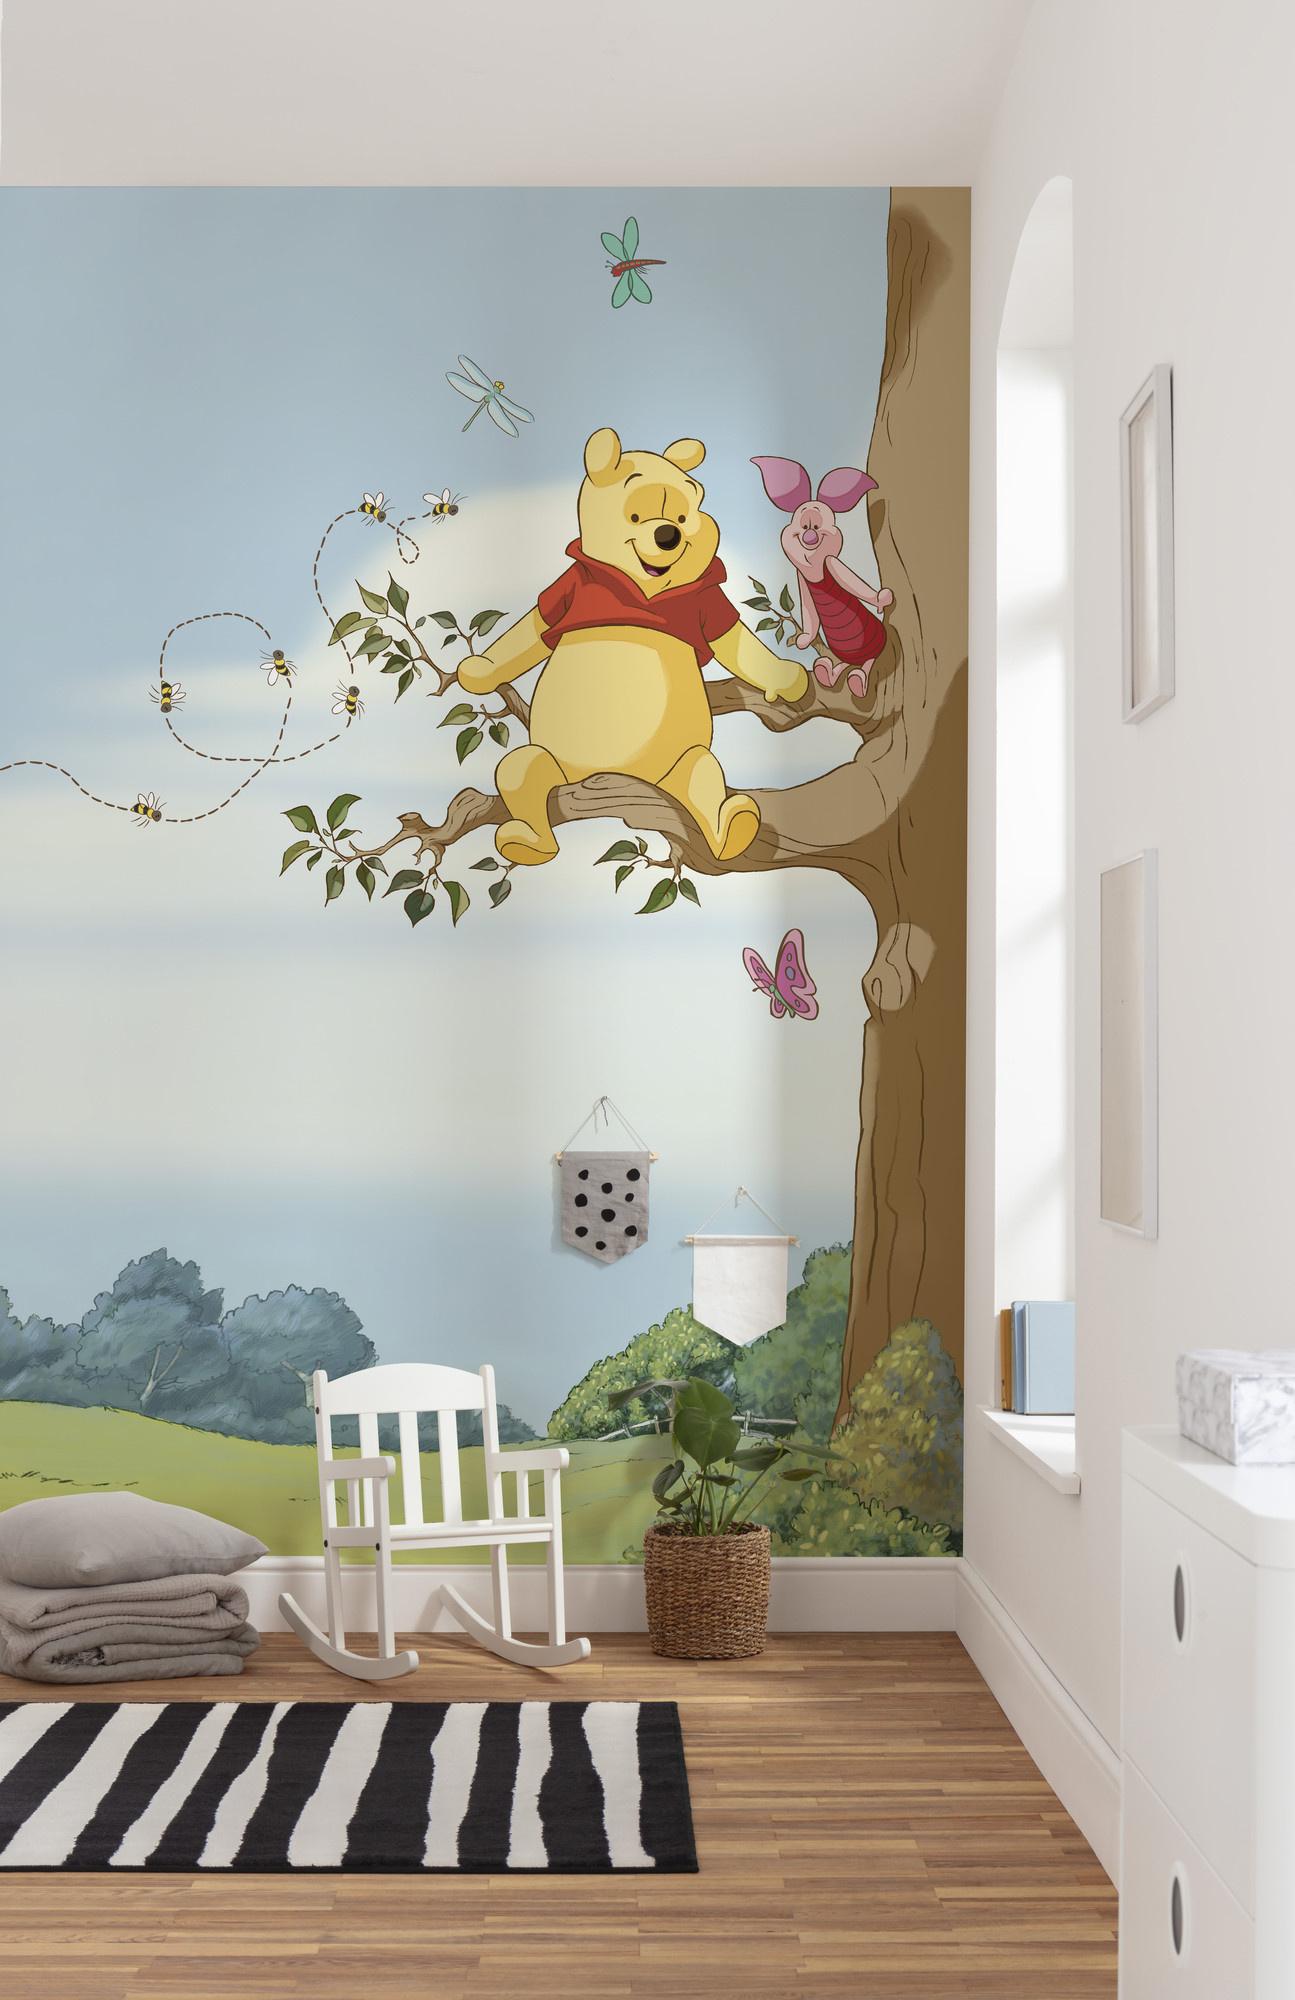 Disney Edition 4 Kinderbehang Komar - Kinderkamer behang WINNIE POOH TREE